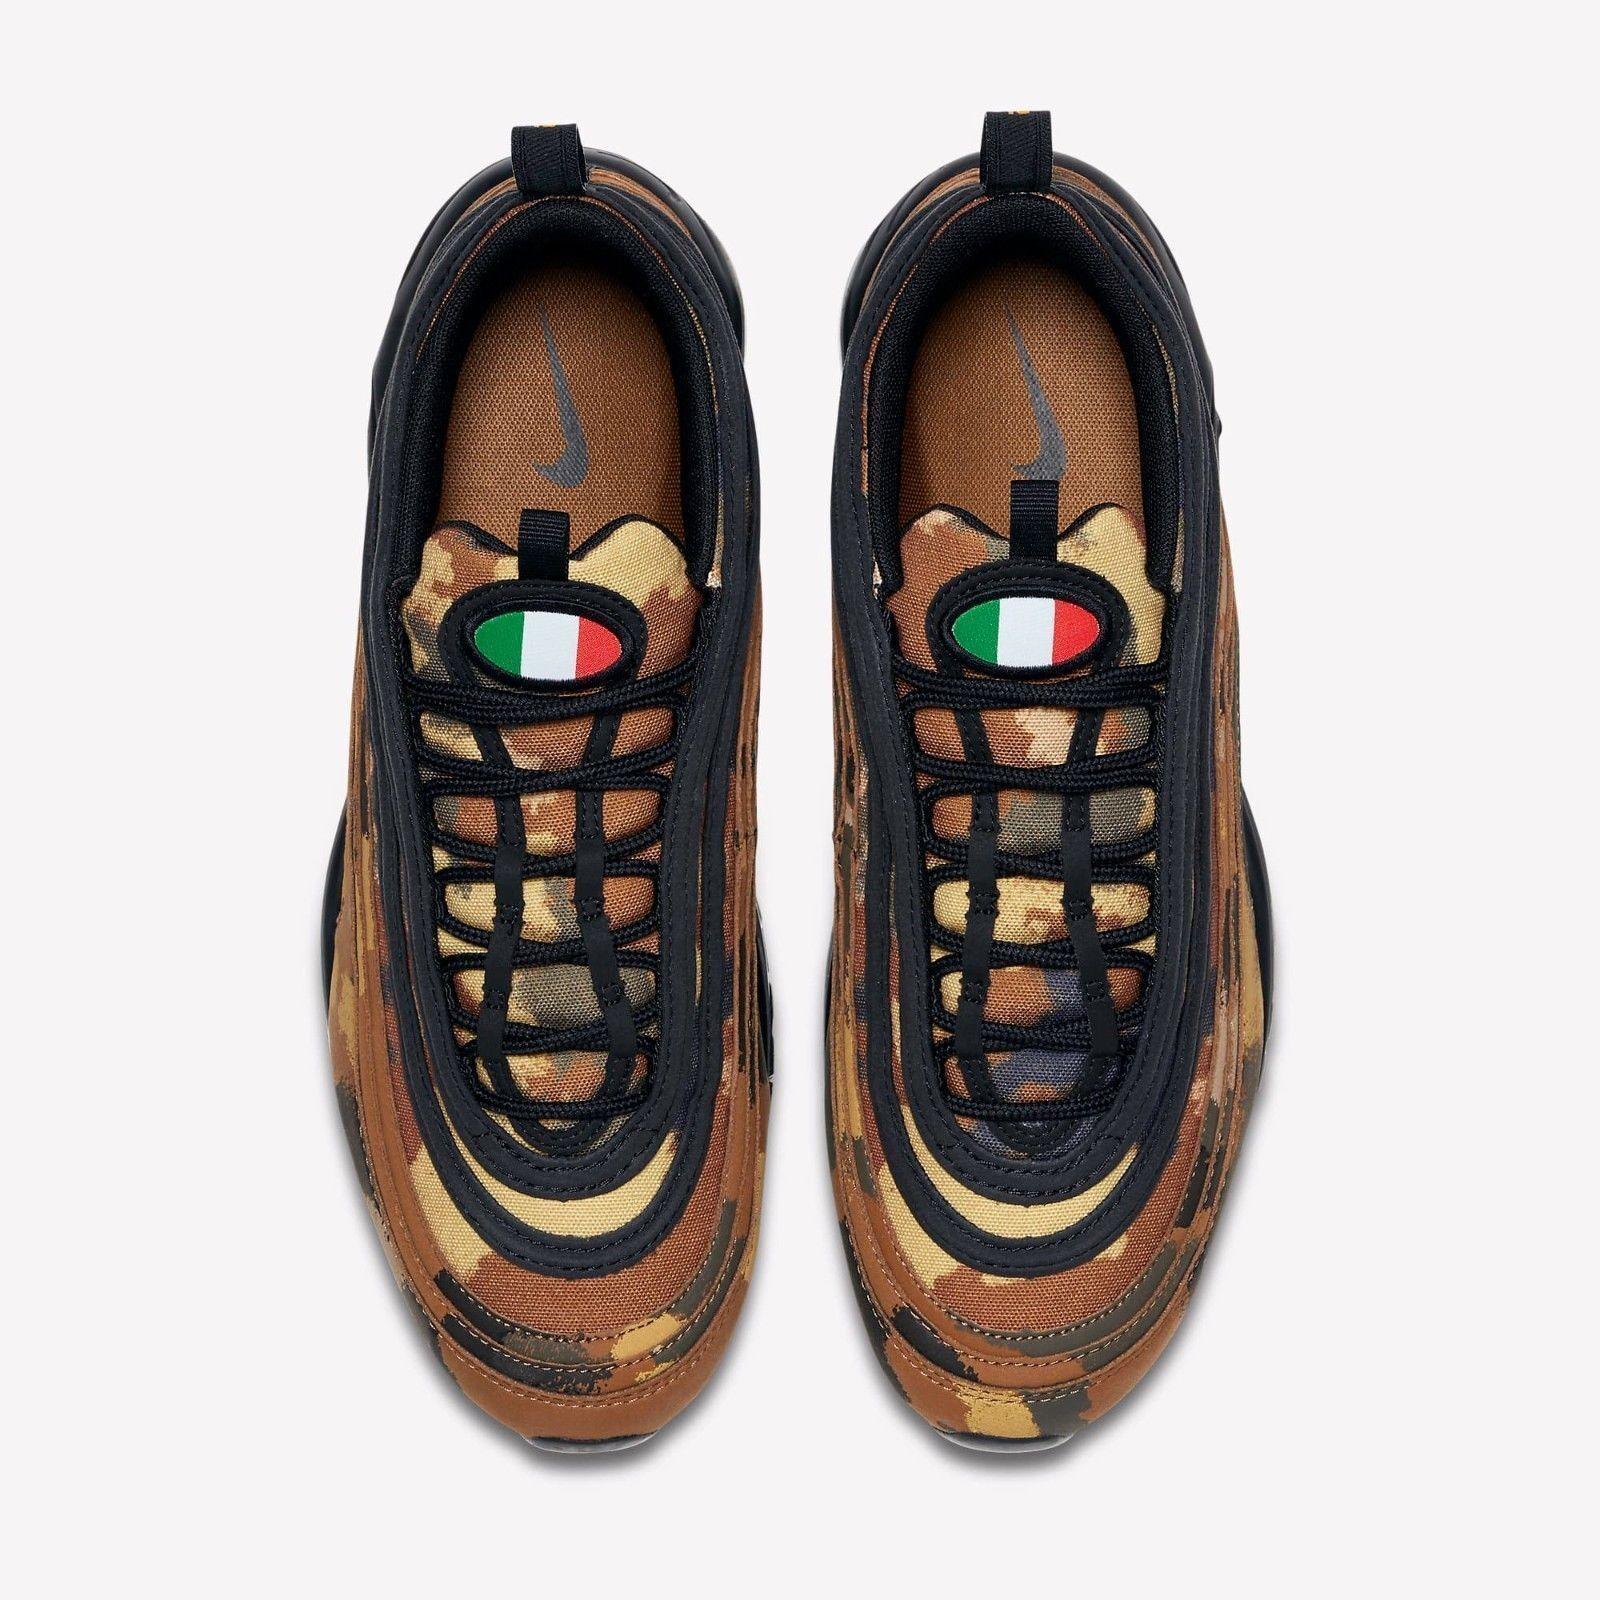 nike air max größe 97 county camo italien größe max 13.aj2614-202. 1a77fc